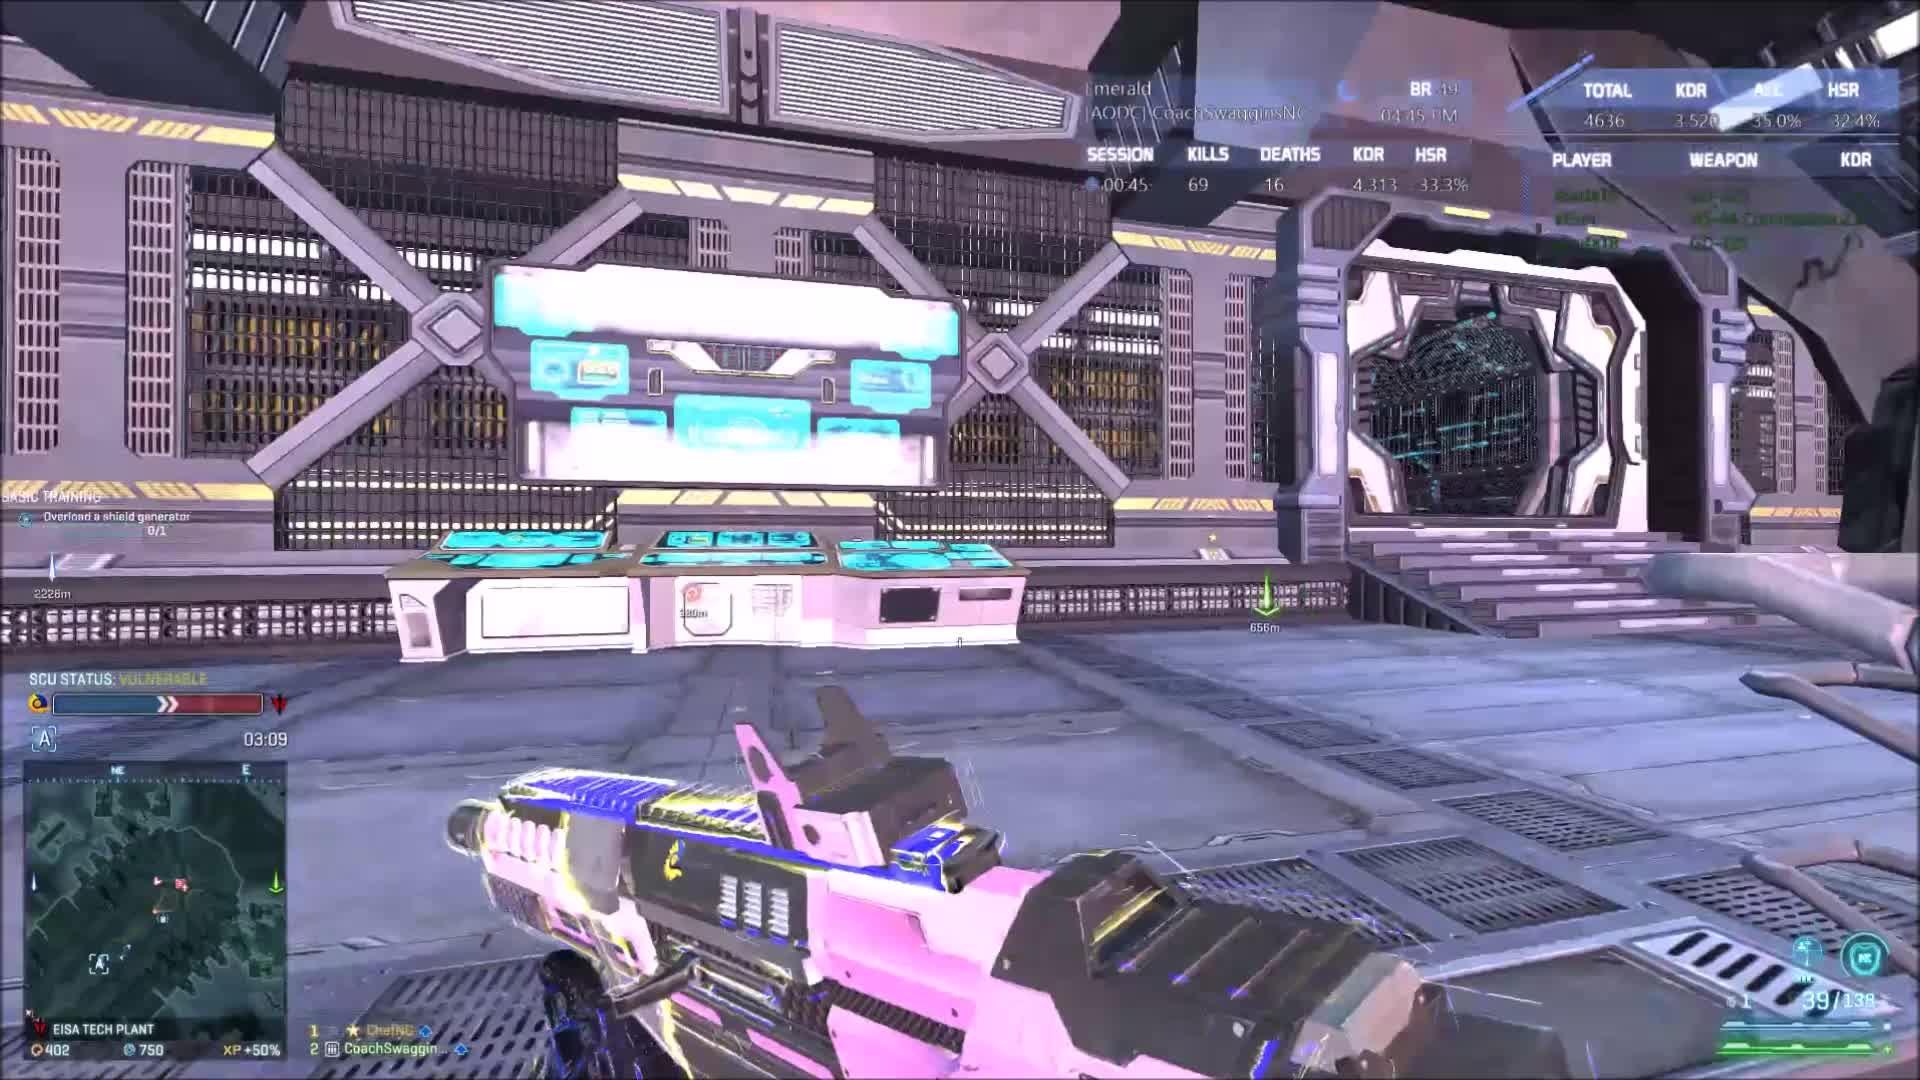 emeraldps2, Nerf heavy shield (reddit) GIFs